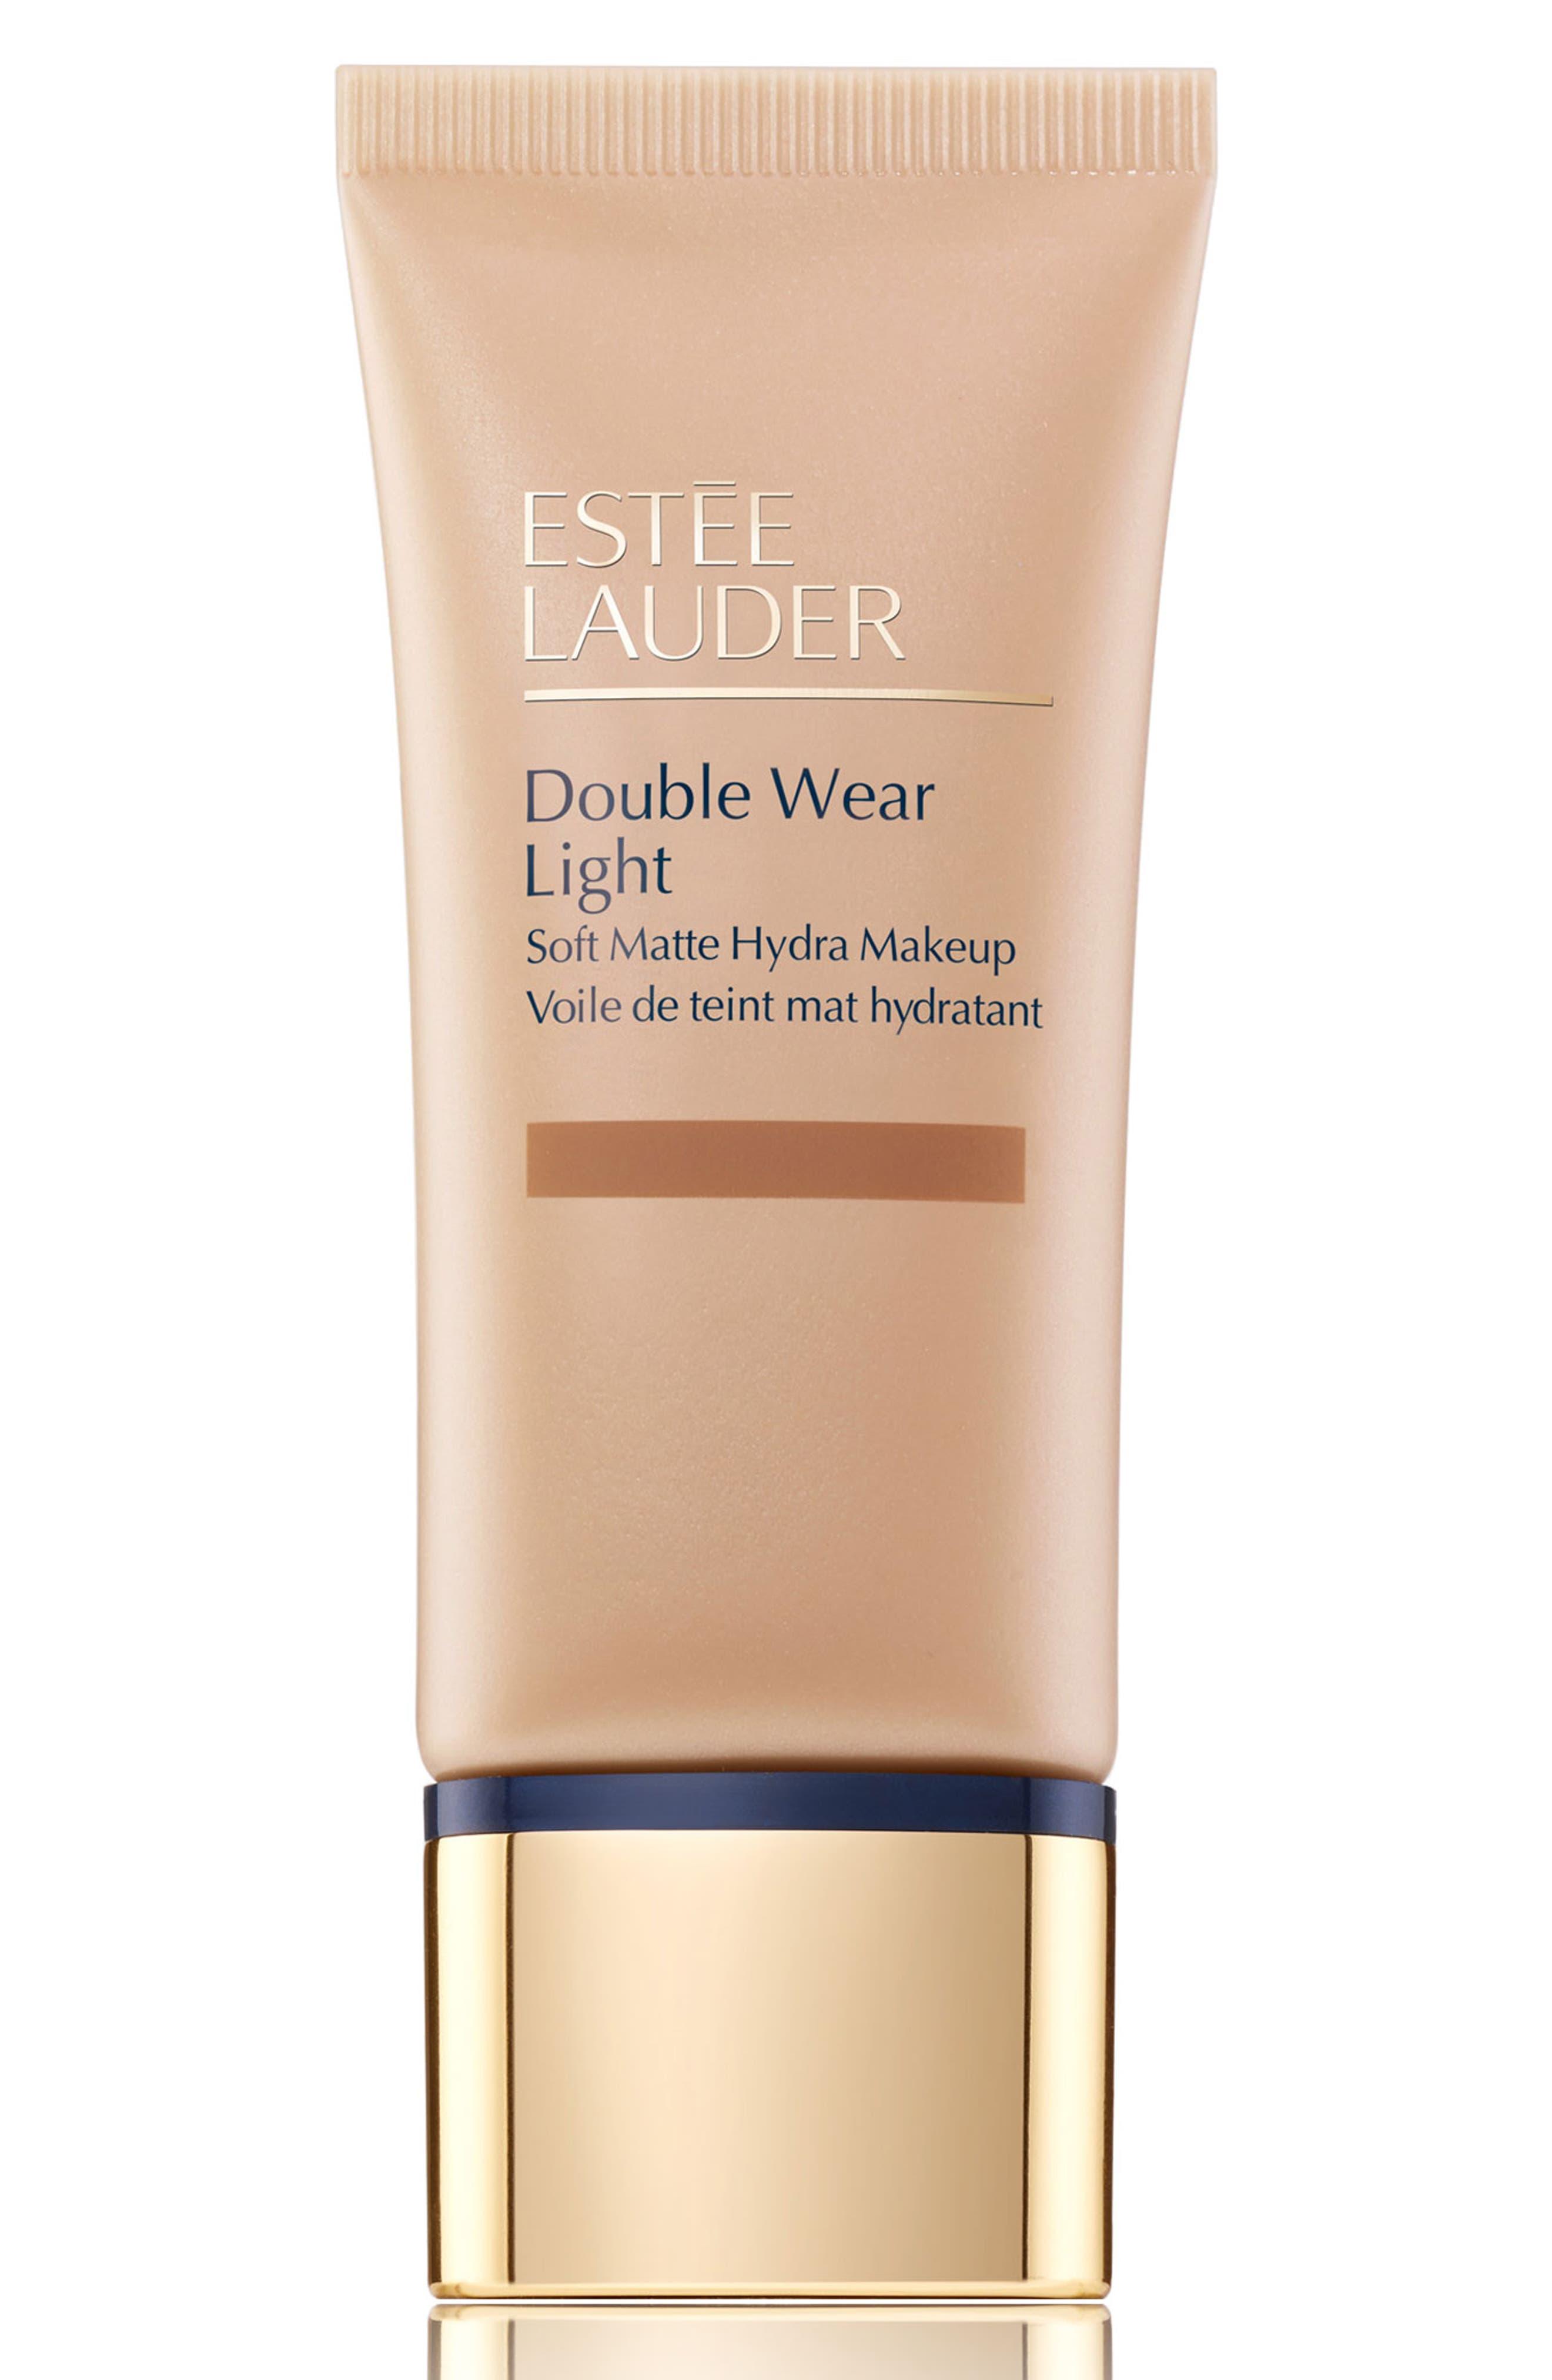 Estee Lauder Double Wear Light Soft Matte Hydra Makeup - 5N1 Rich Ginger